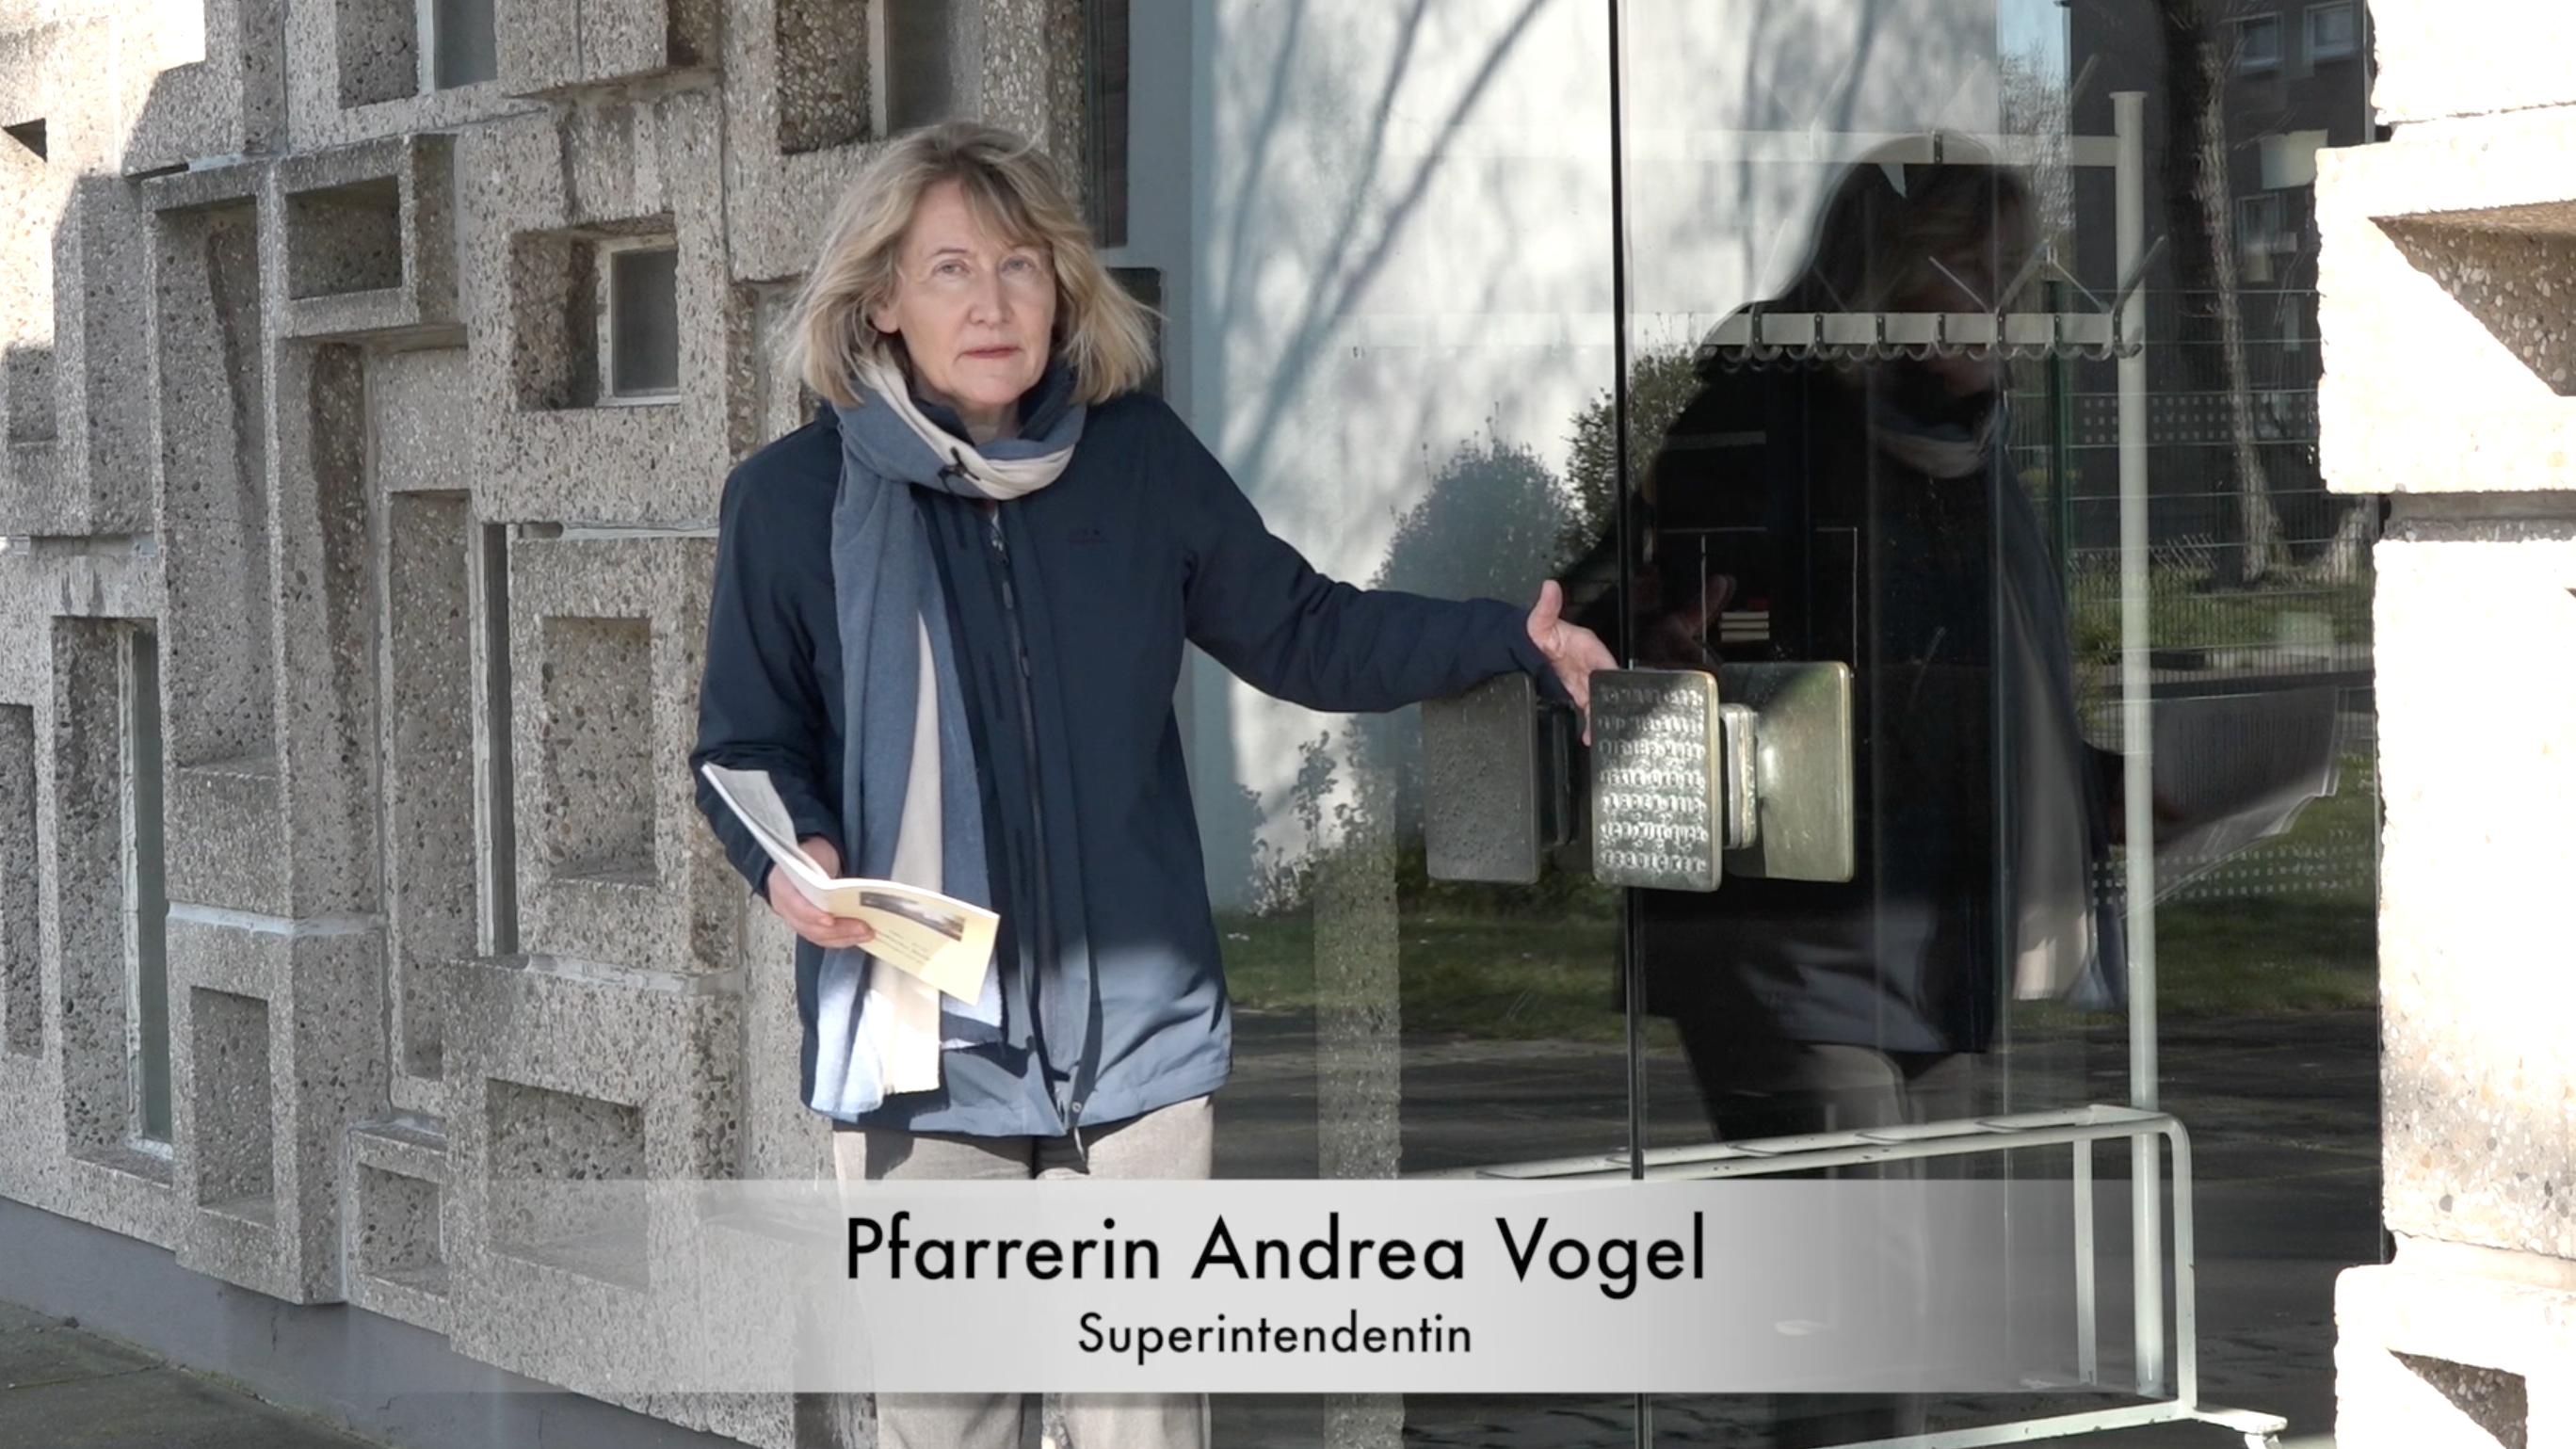 Superintendentin Andrea Vogel zur Passionszeit